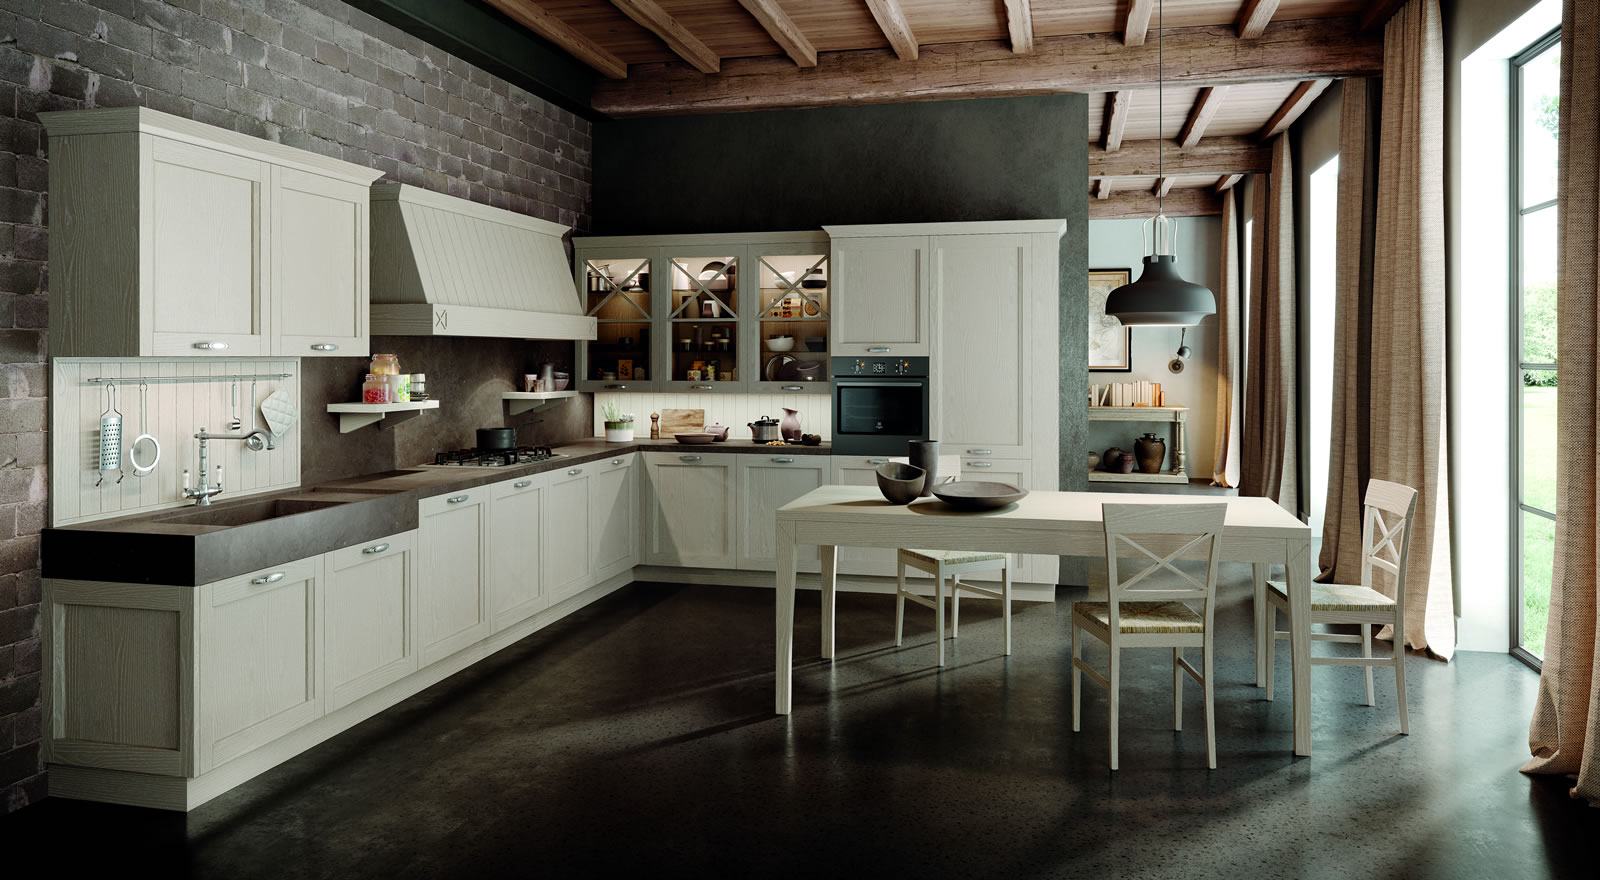 Cucine moderne e cucine classiche ad oristano piroddi for Arredamenti ad